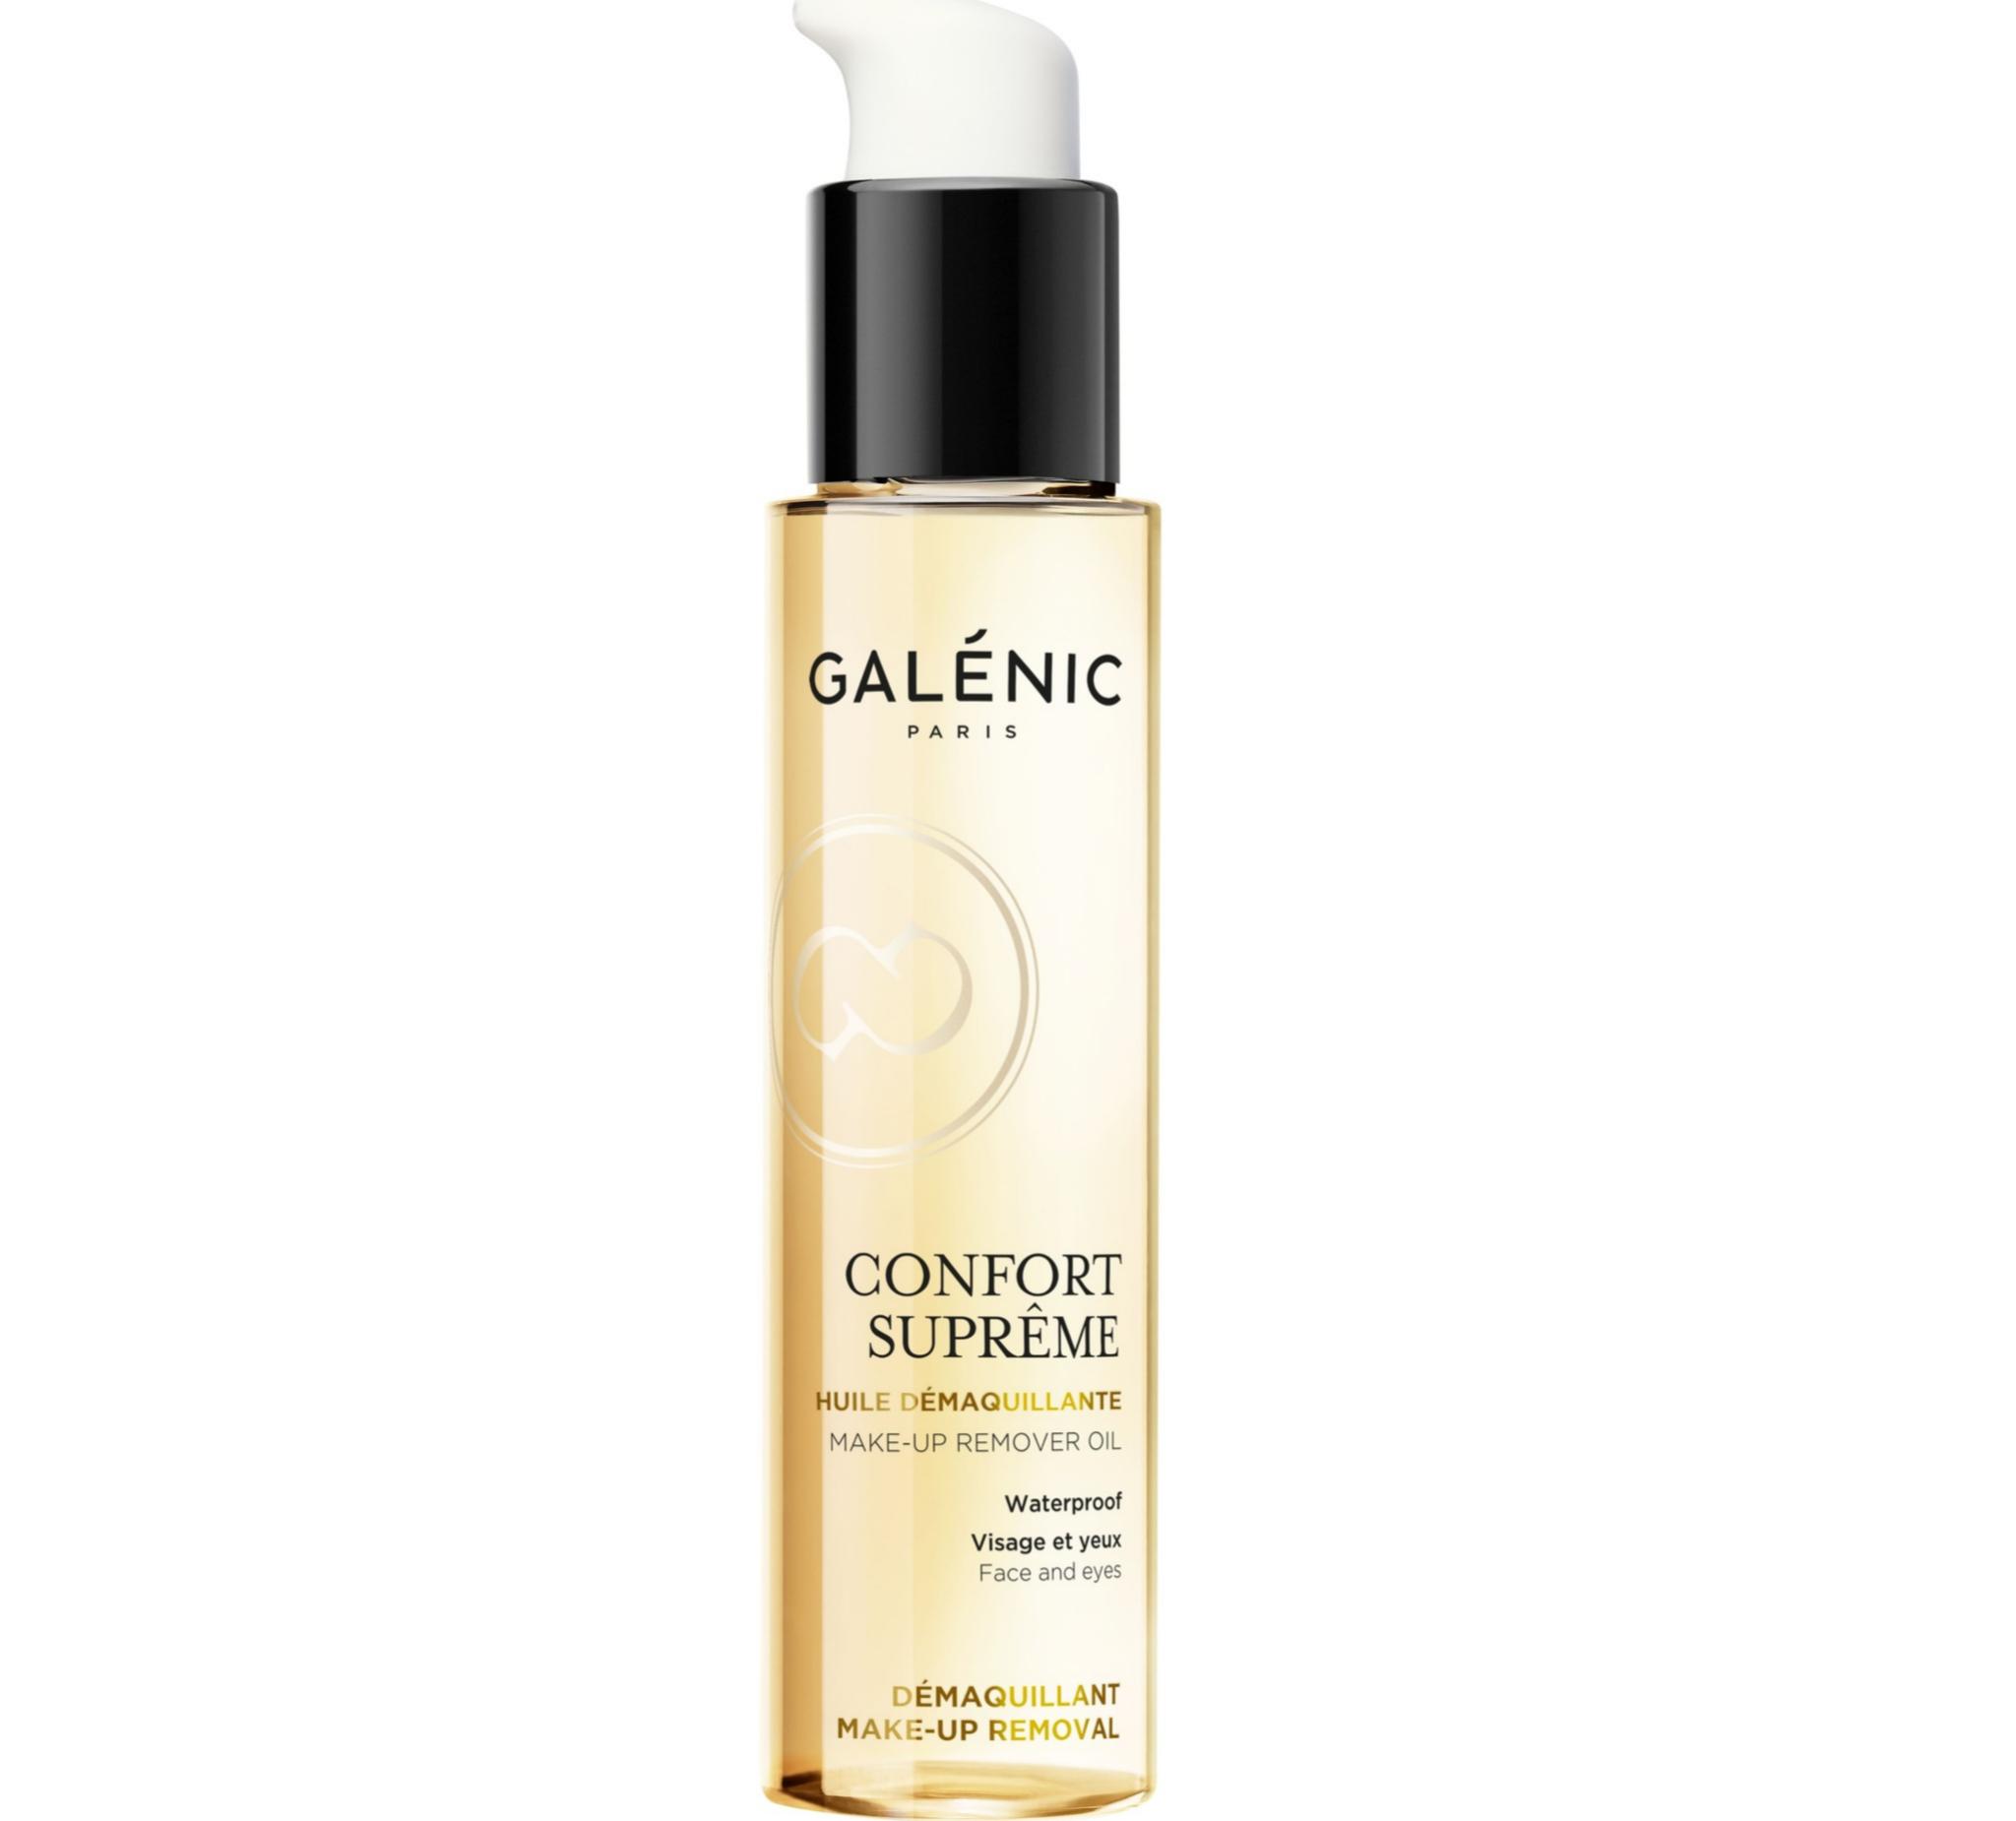 Galénic Confort Suprême. Aceite desmaquillante no graso, ideal para retirar las impurezas y eliminar con suavidad el maquillaje, incluso el más resistente. 25,90 euros.